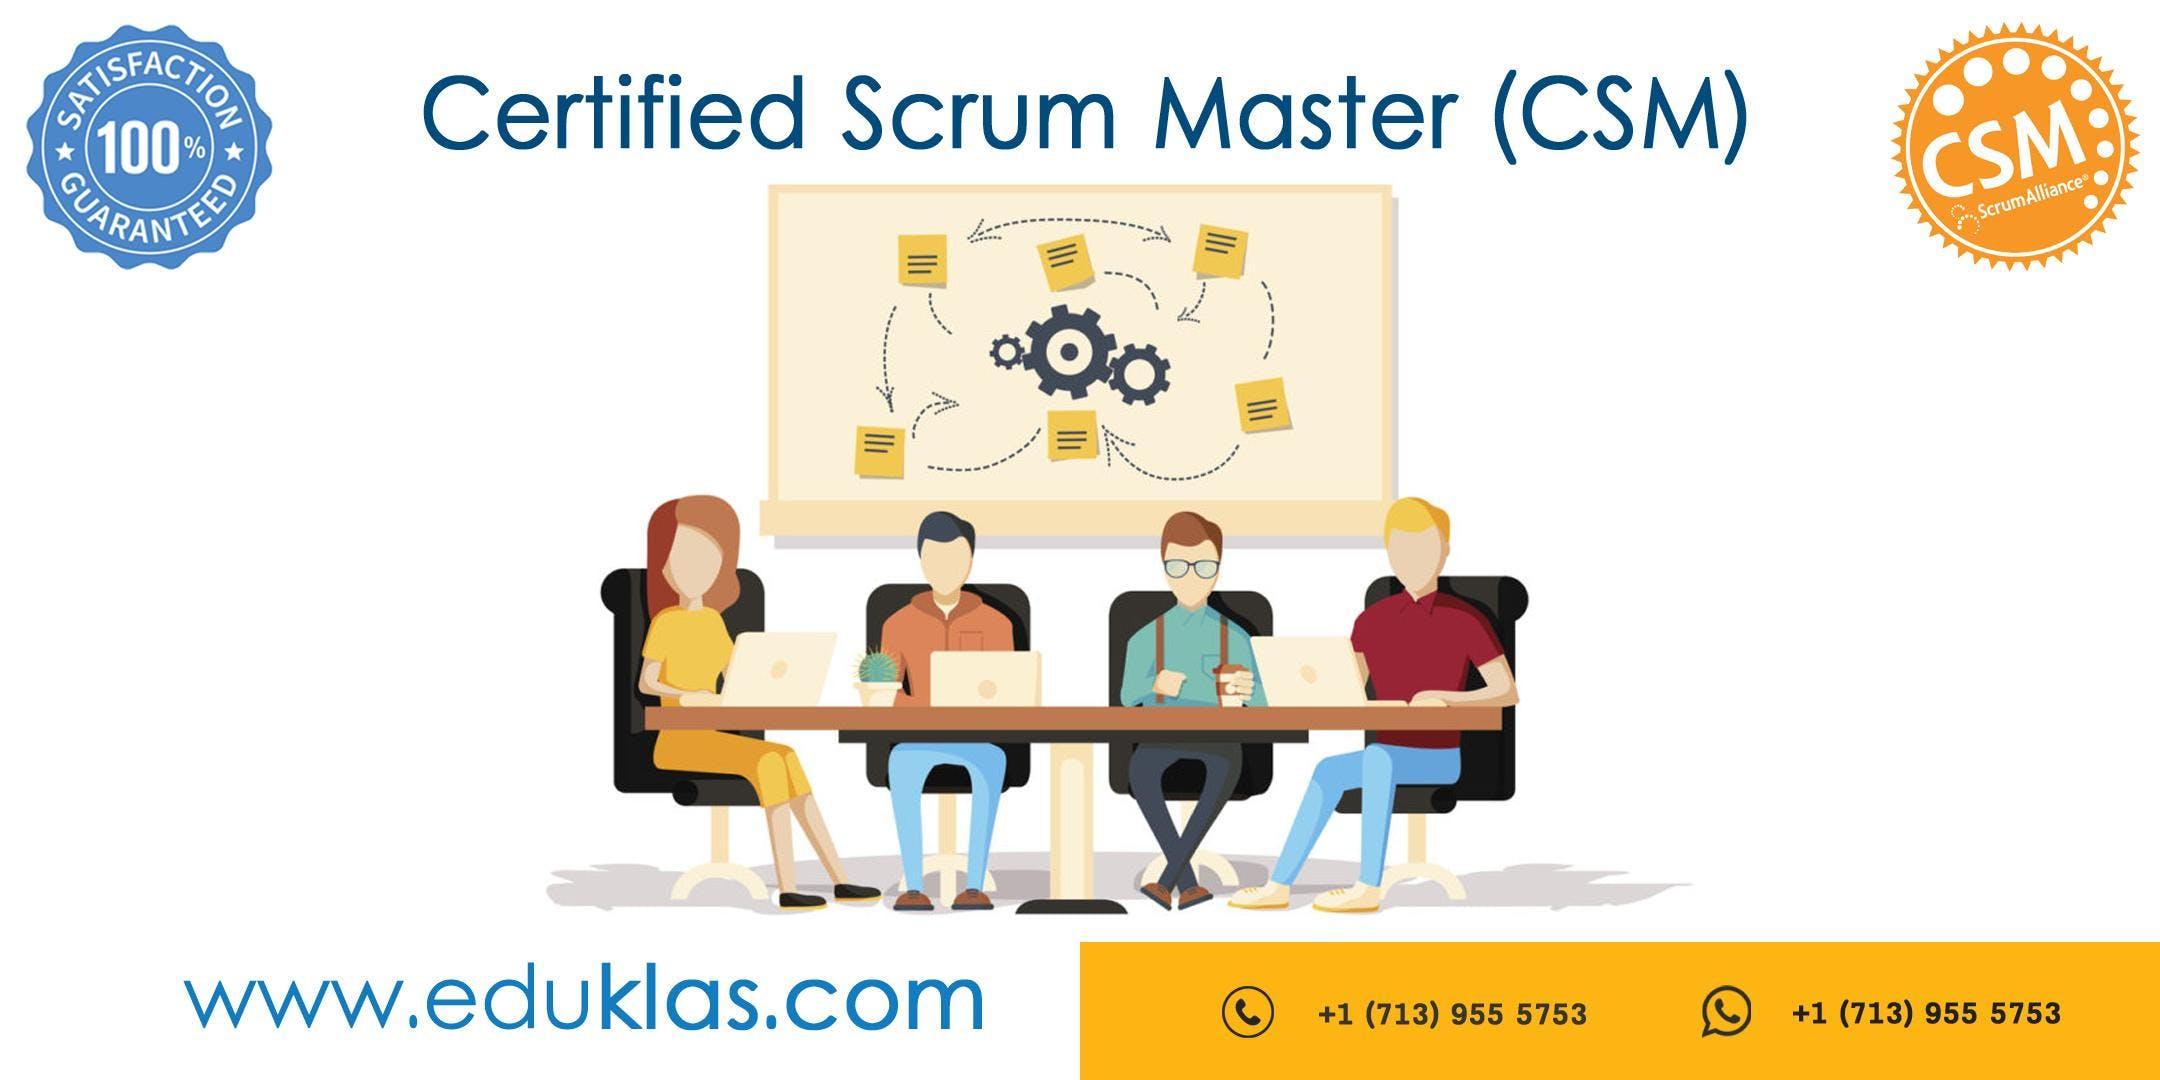 Scrum Master Certification   CSM Training   CSM Certification Workshop   Certified Scrum Master (CSM) Training in Phoenix, AZ   Eduklas